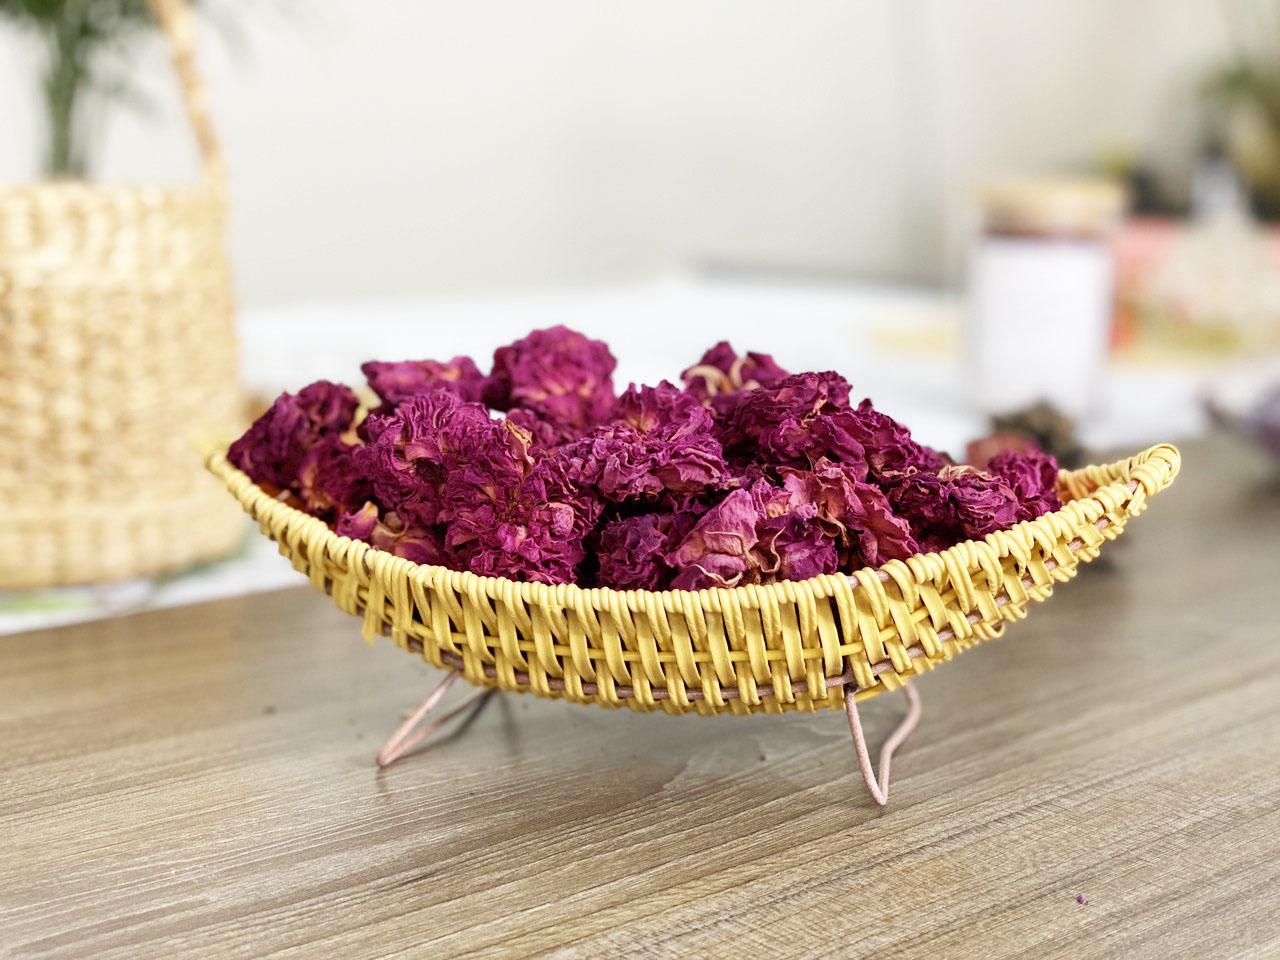 Trà hoa hồng chỉ dành cho người có guu